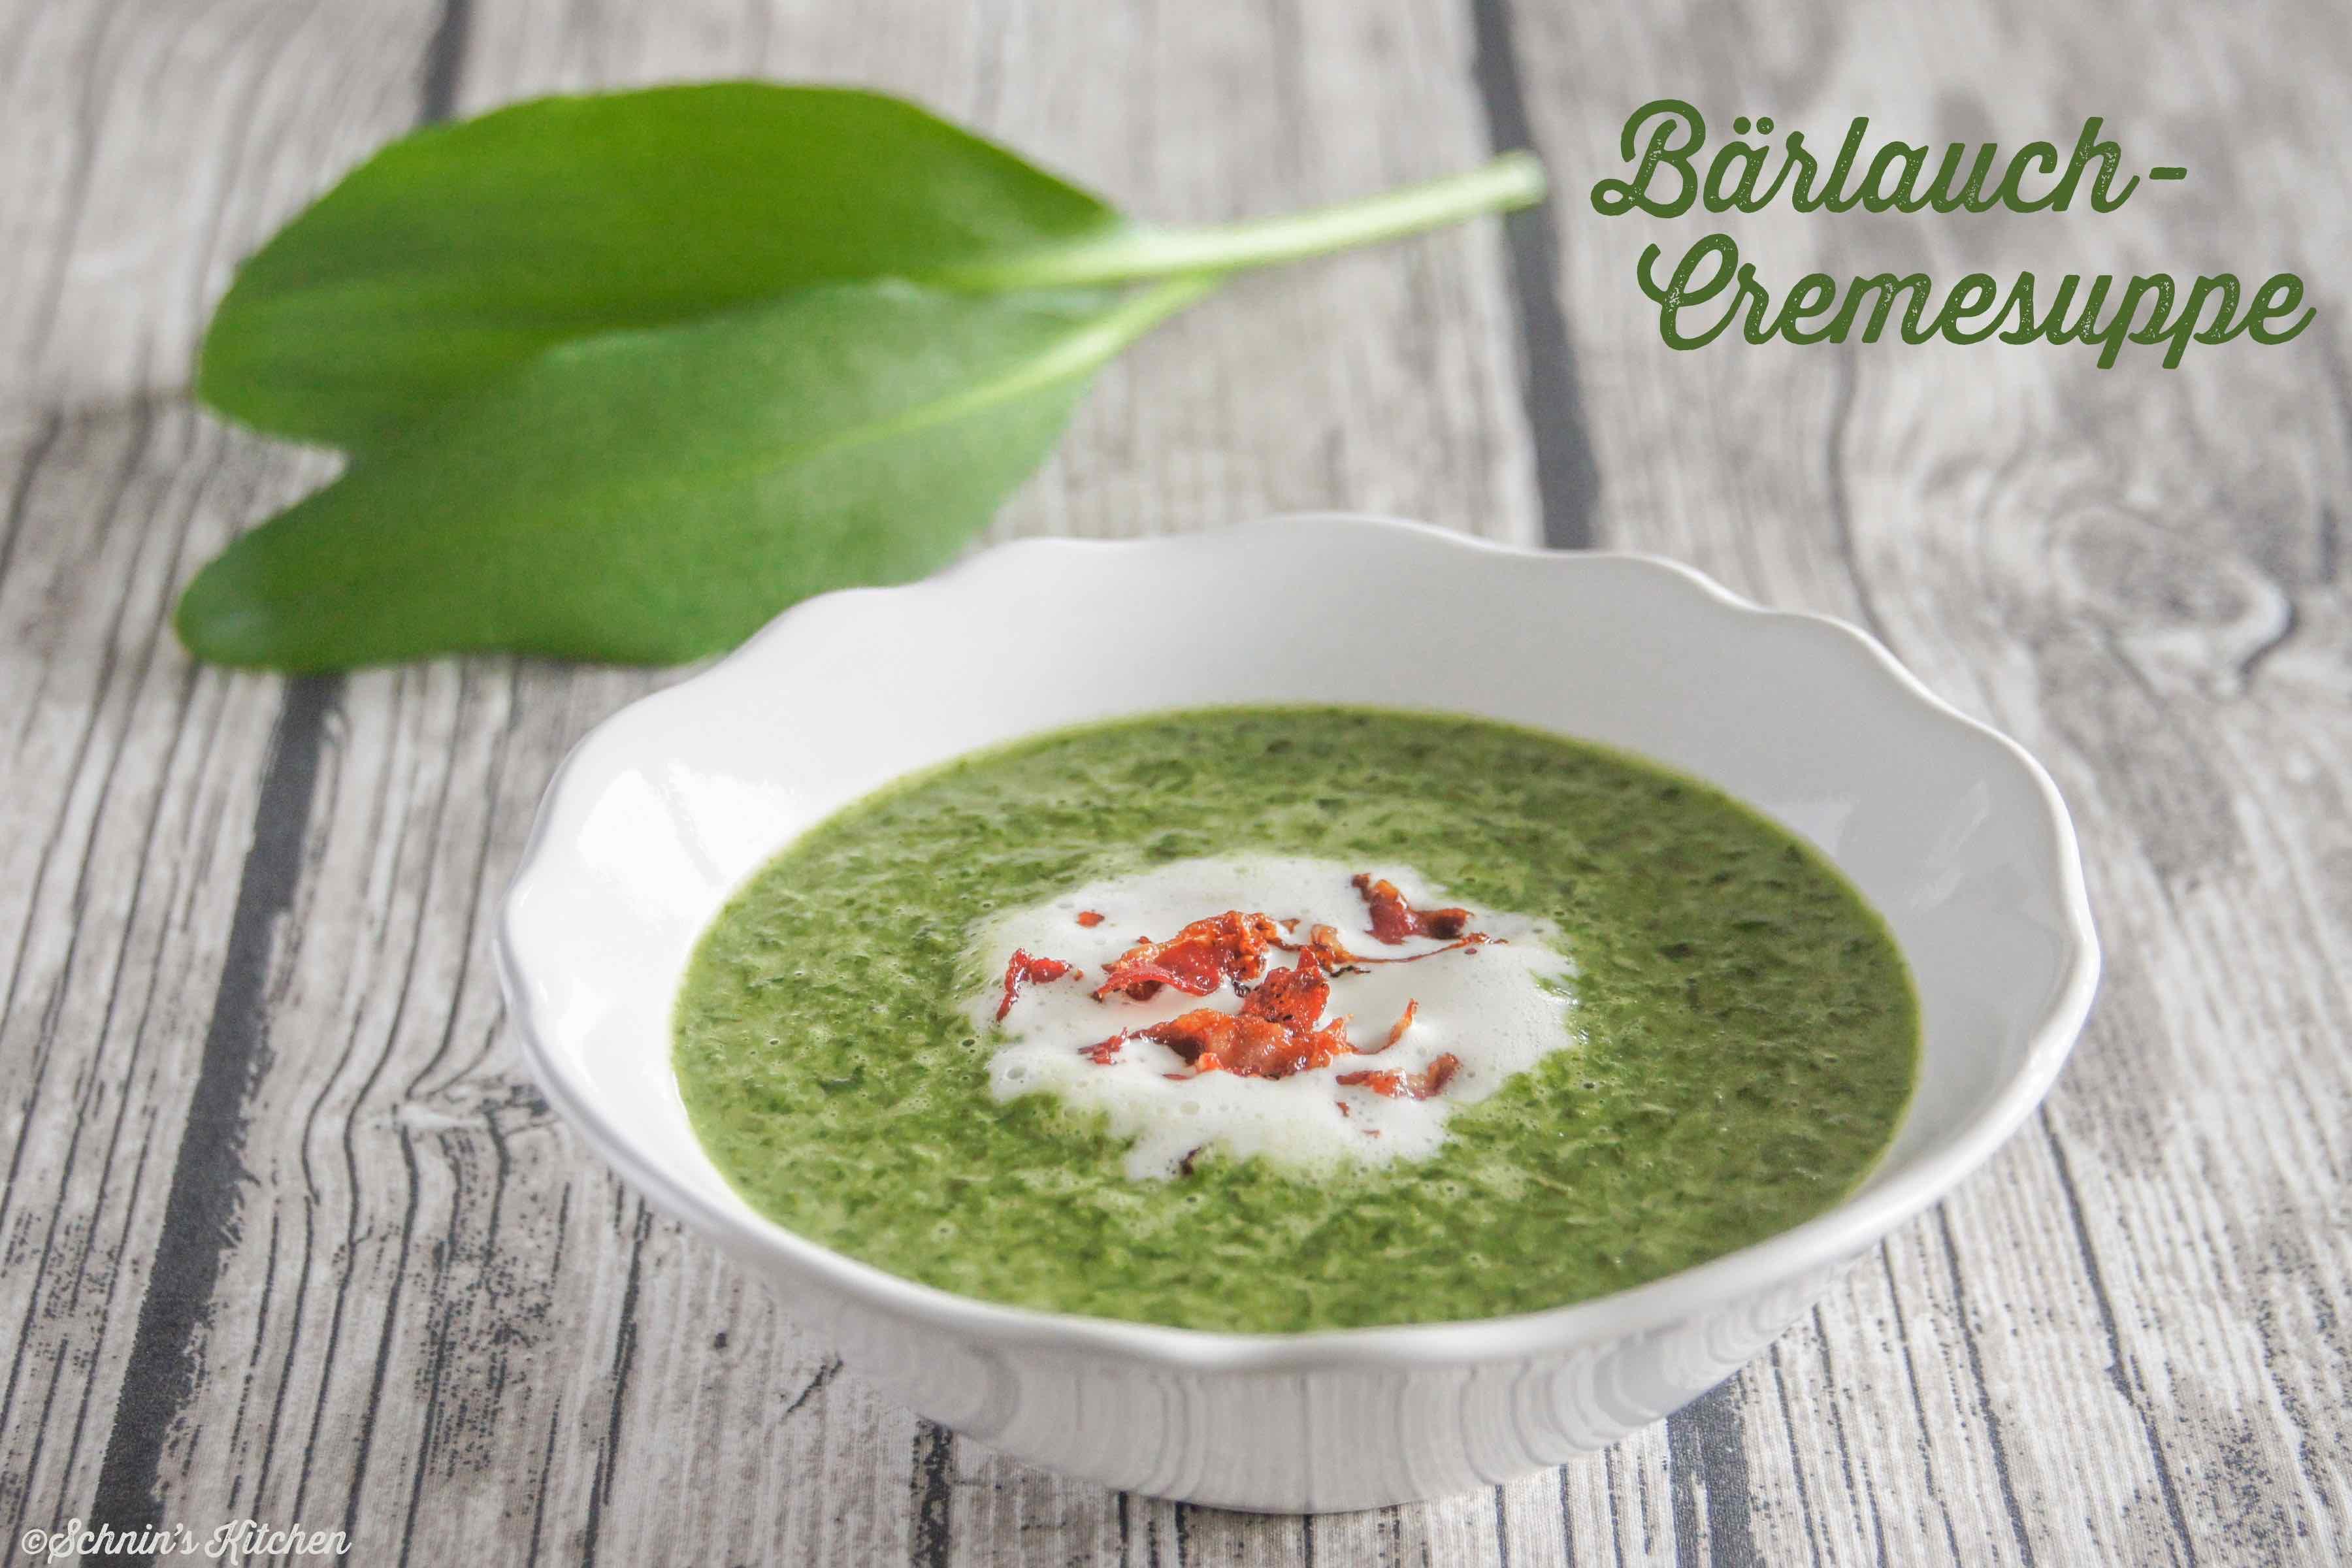 Bärlauch-Cremesuppe mit Bacon